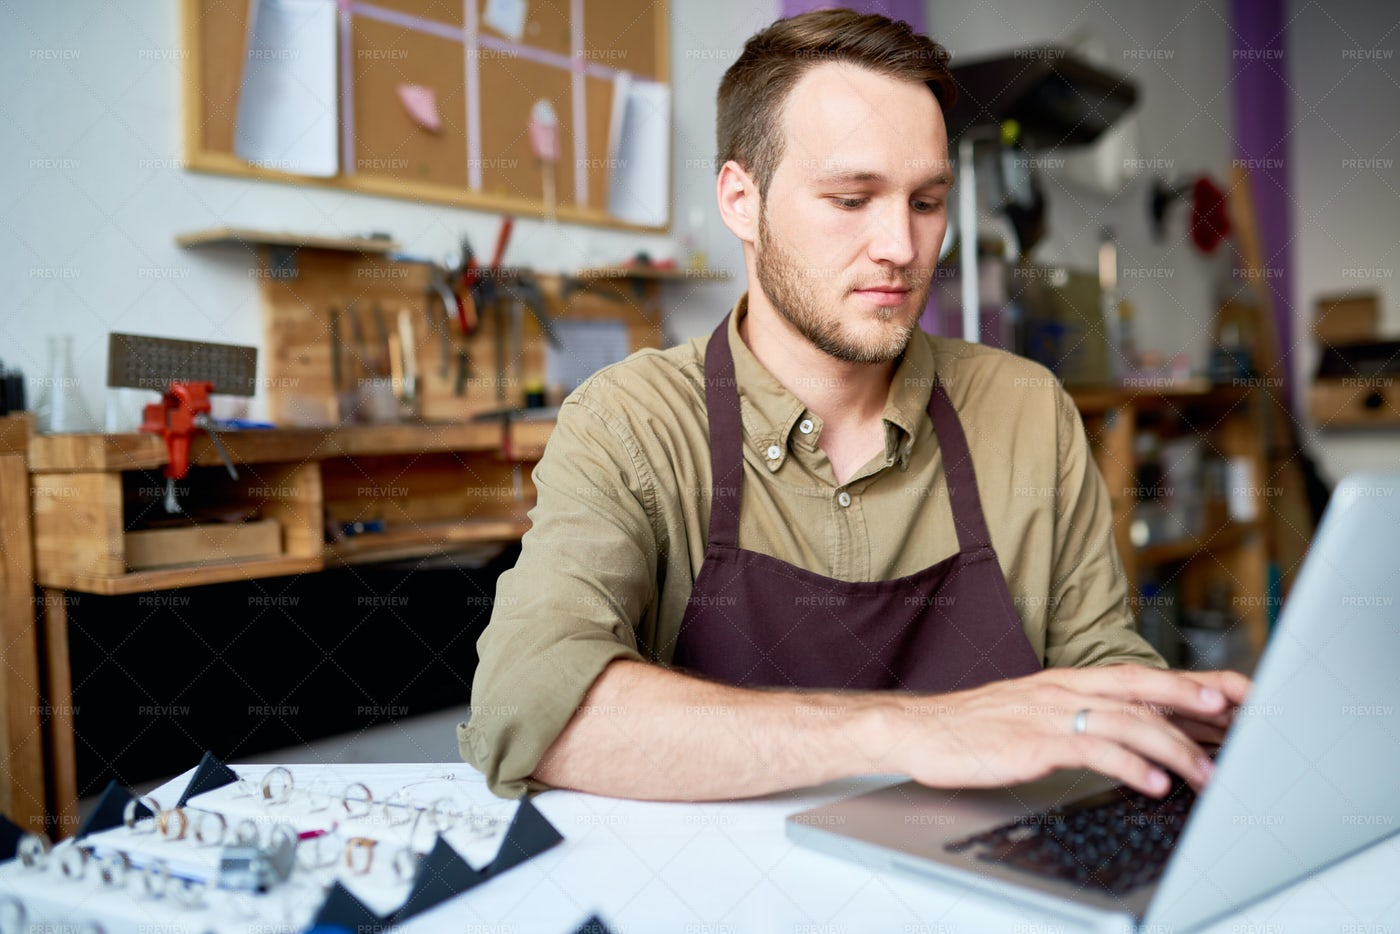 Jeweler Using Laptop In Shop: Stock Photos